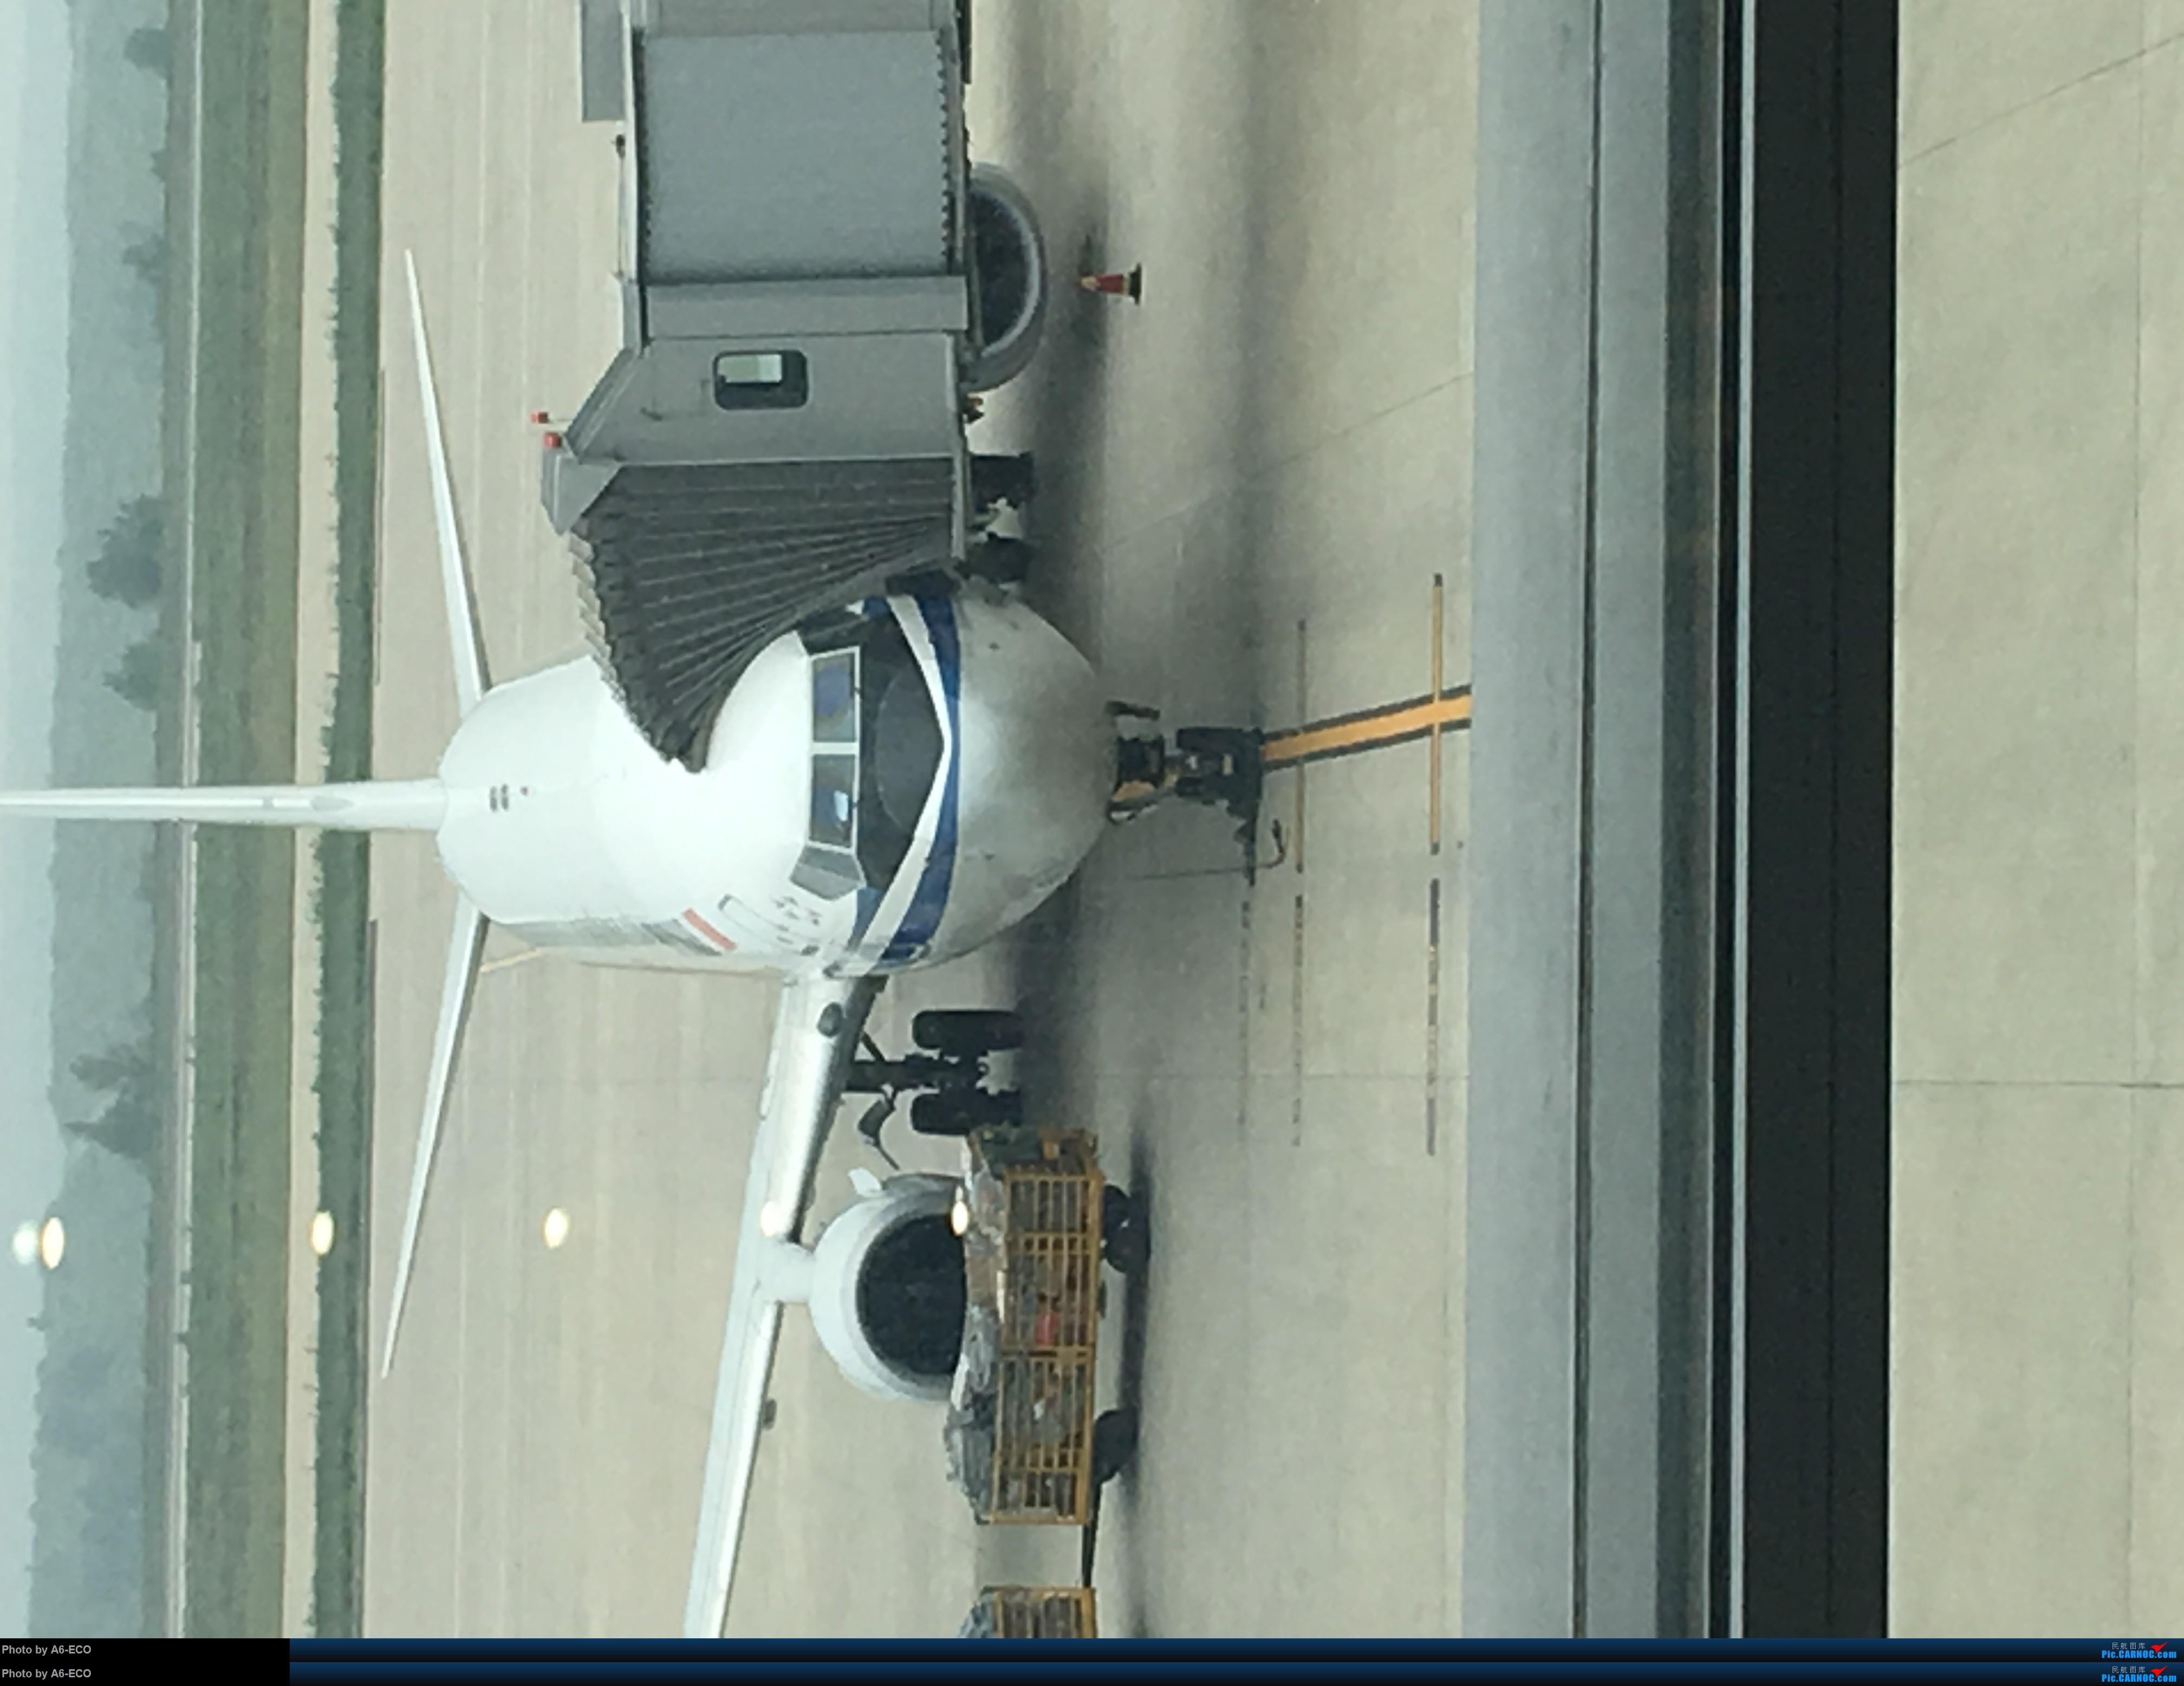 Re:[原创][霸都打机队 空中之客发布]aiolia7456大佬尽然没有参加当代拍机活动 BOEING 737-800 B-1959 中国鄂尔多斯伊金霍洛机场